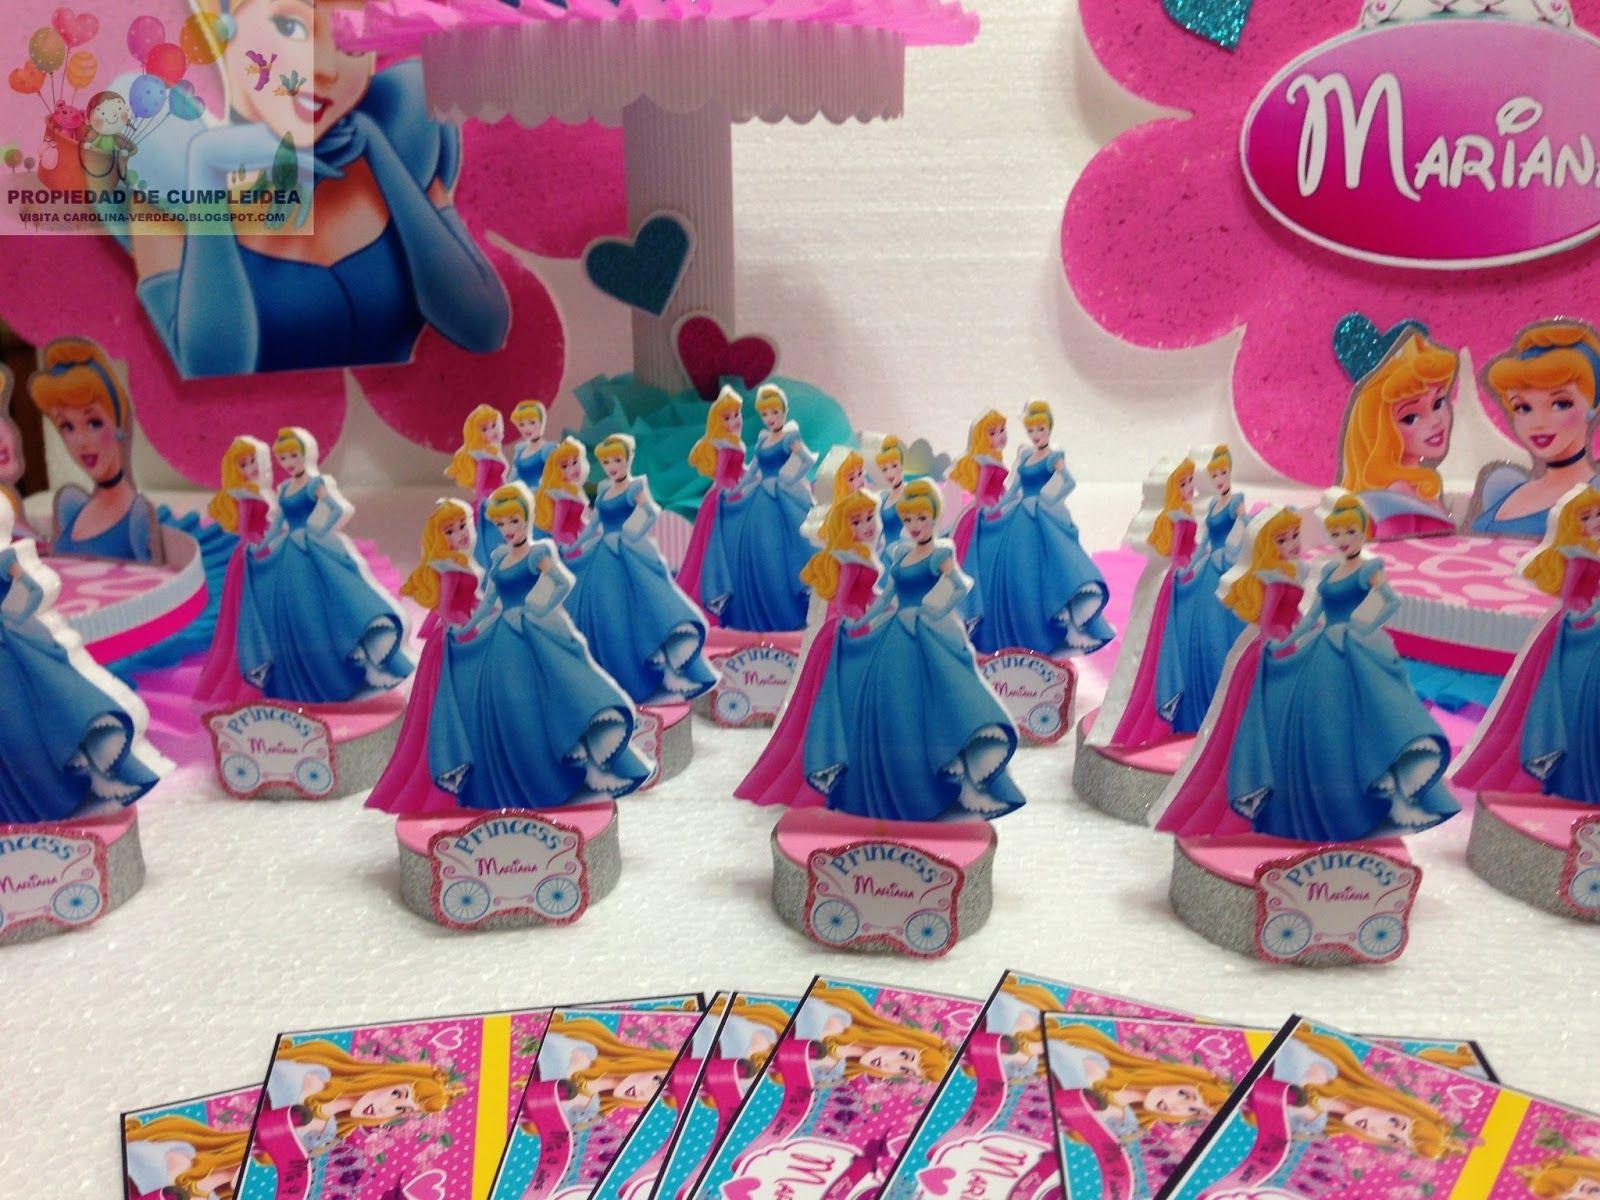 decoracion de cumpleaos infantiles de princesas imagui